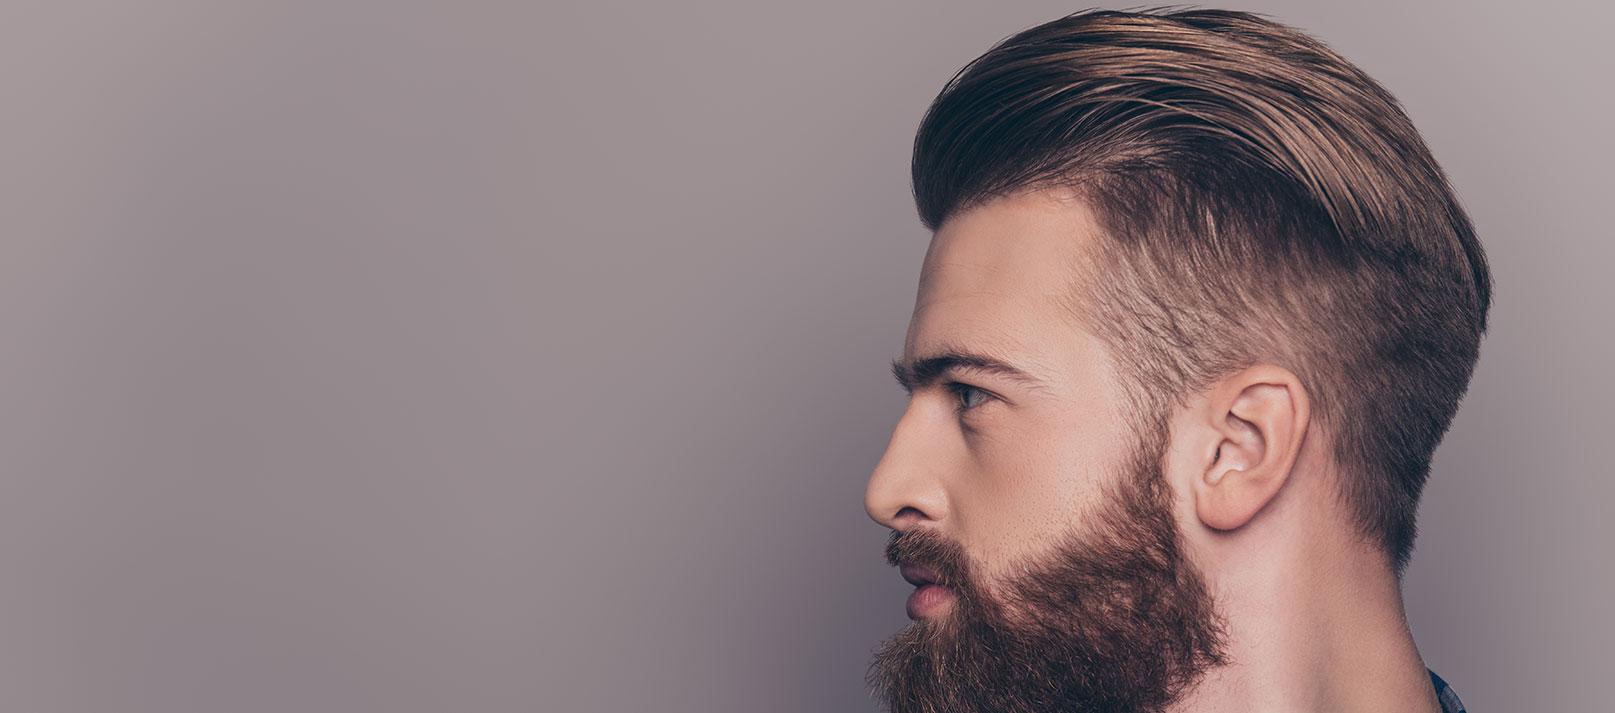 Greffe de cheveux FUE à Lyon - Dr Corniglion